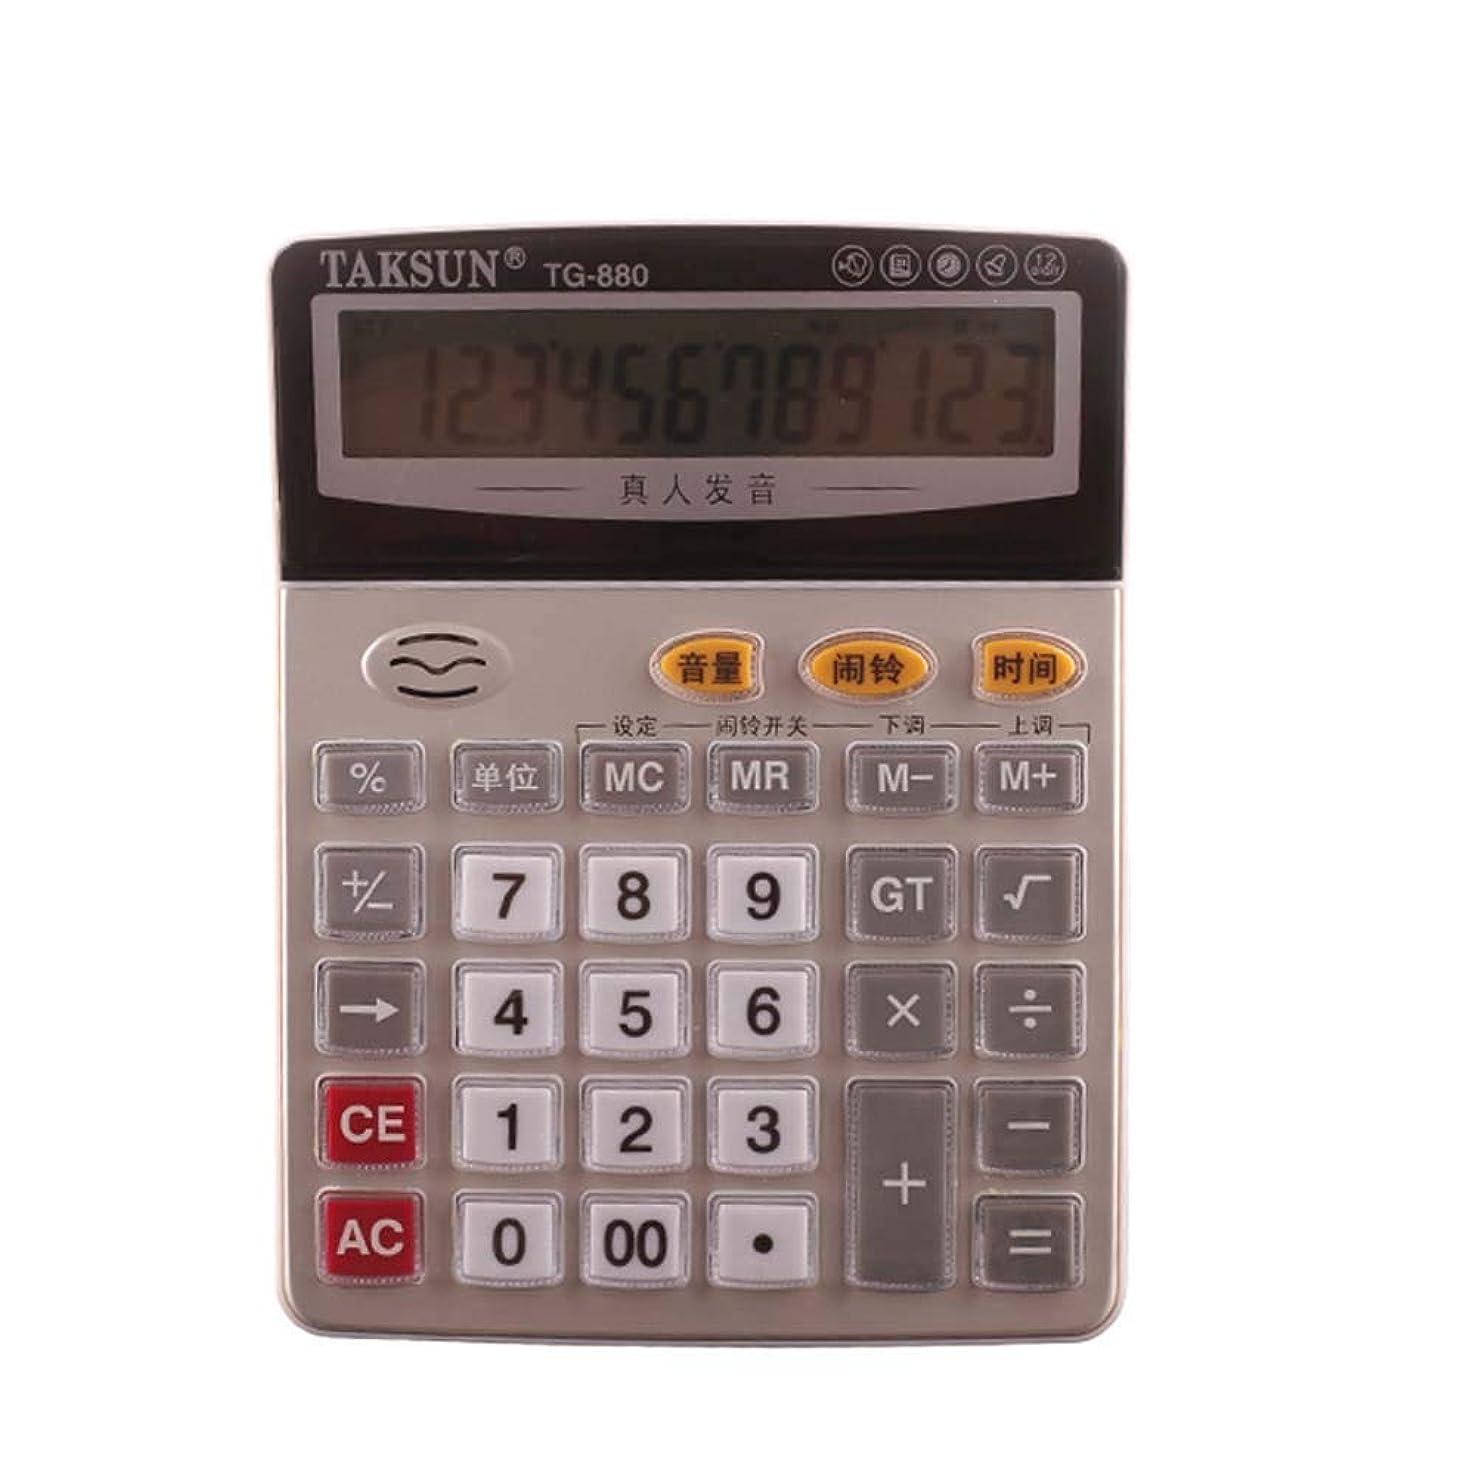 ミニチュア神社グリルHUIHE オルゴールデスクトップ計算機 12桁LCDディスプレイ 音声読書 目覚まし時計 中国製